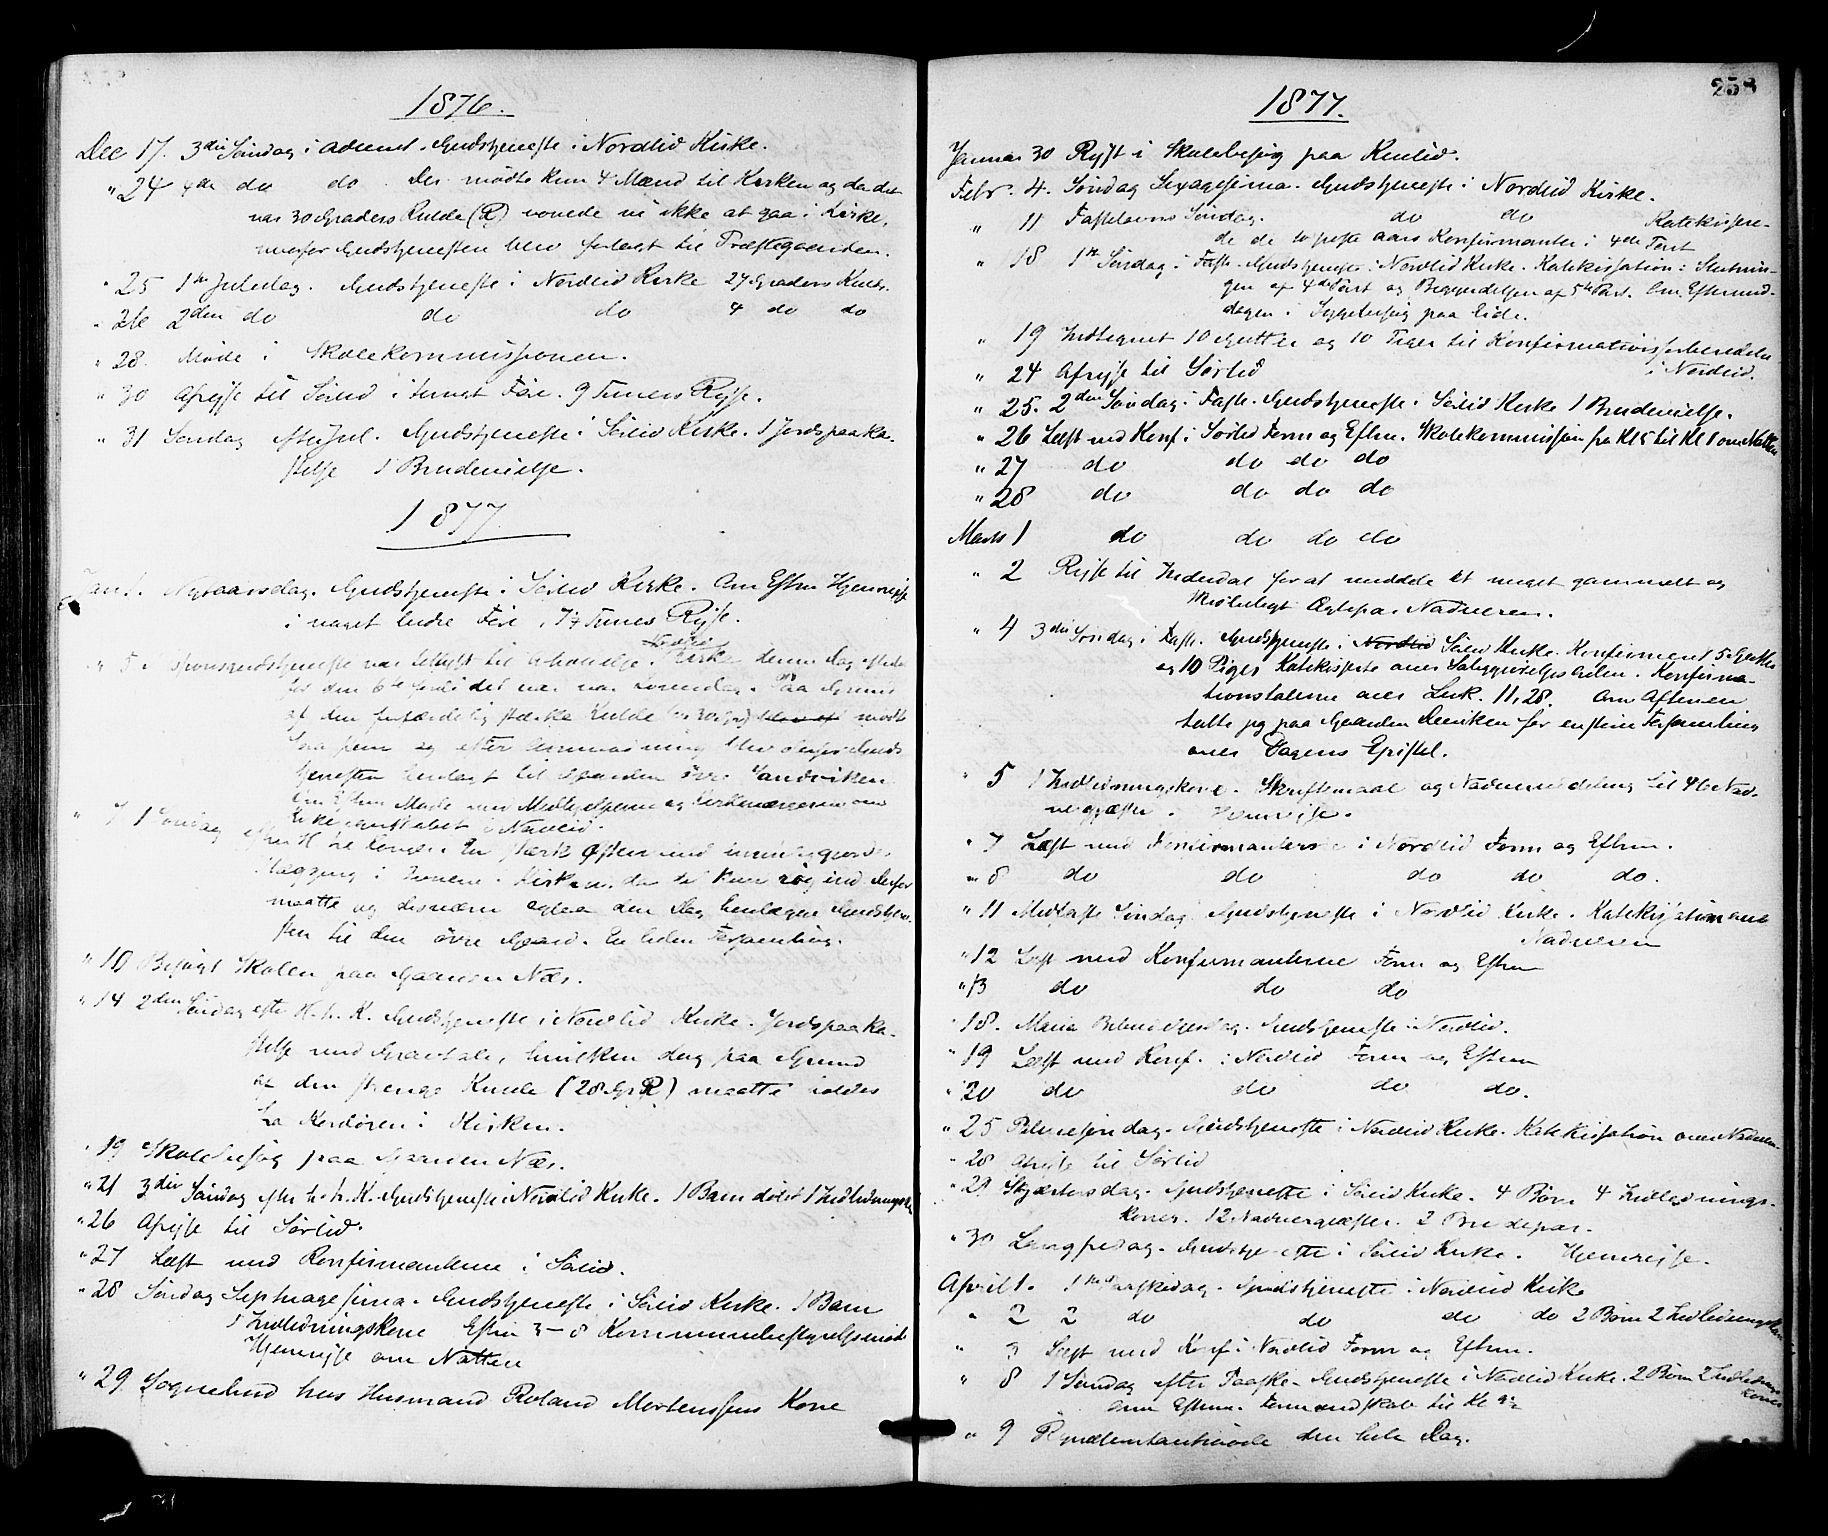 SAT, Ministerialprotokoller, klokkerbøker og fødselsregistre - Nord-Trøndelag, 755/L0493: Ministerialbok nr. 755A02, 1865-1881, s. 258